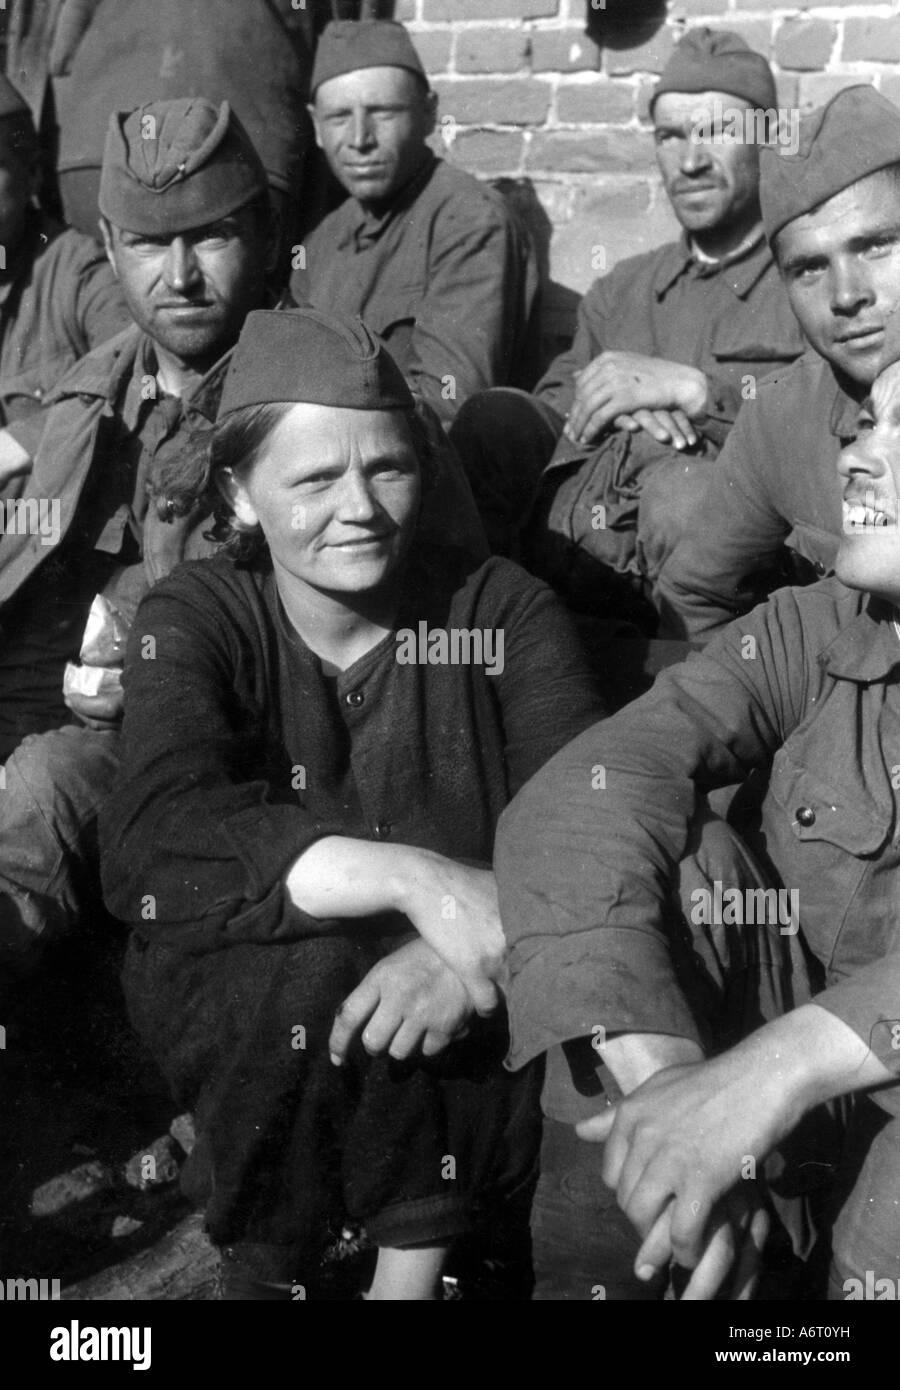 Veranstaltungen, Zweiten Weltkrieg/WWII, Kriegsgefangene, Russland, sowjetische Soldaten, darunter eine Frau, 1941, Stockbild